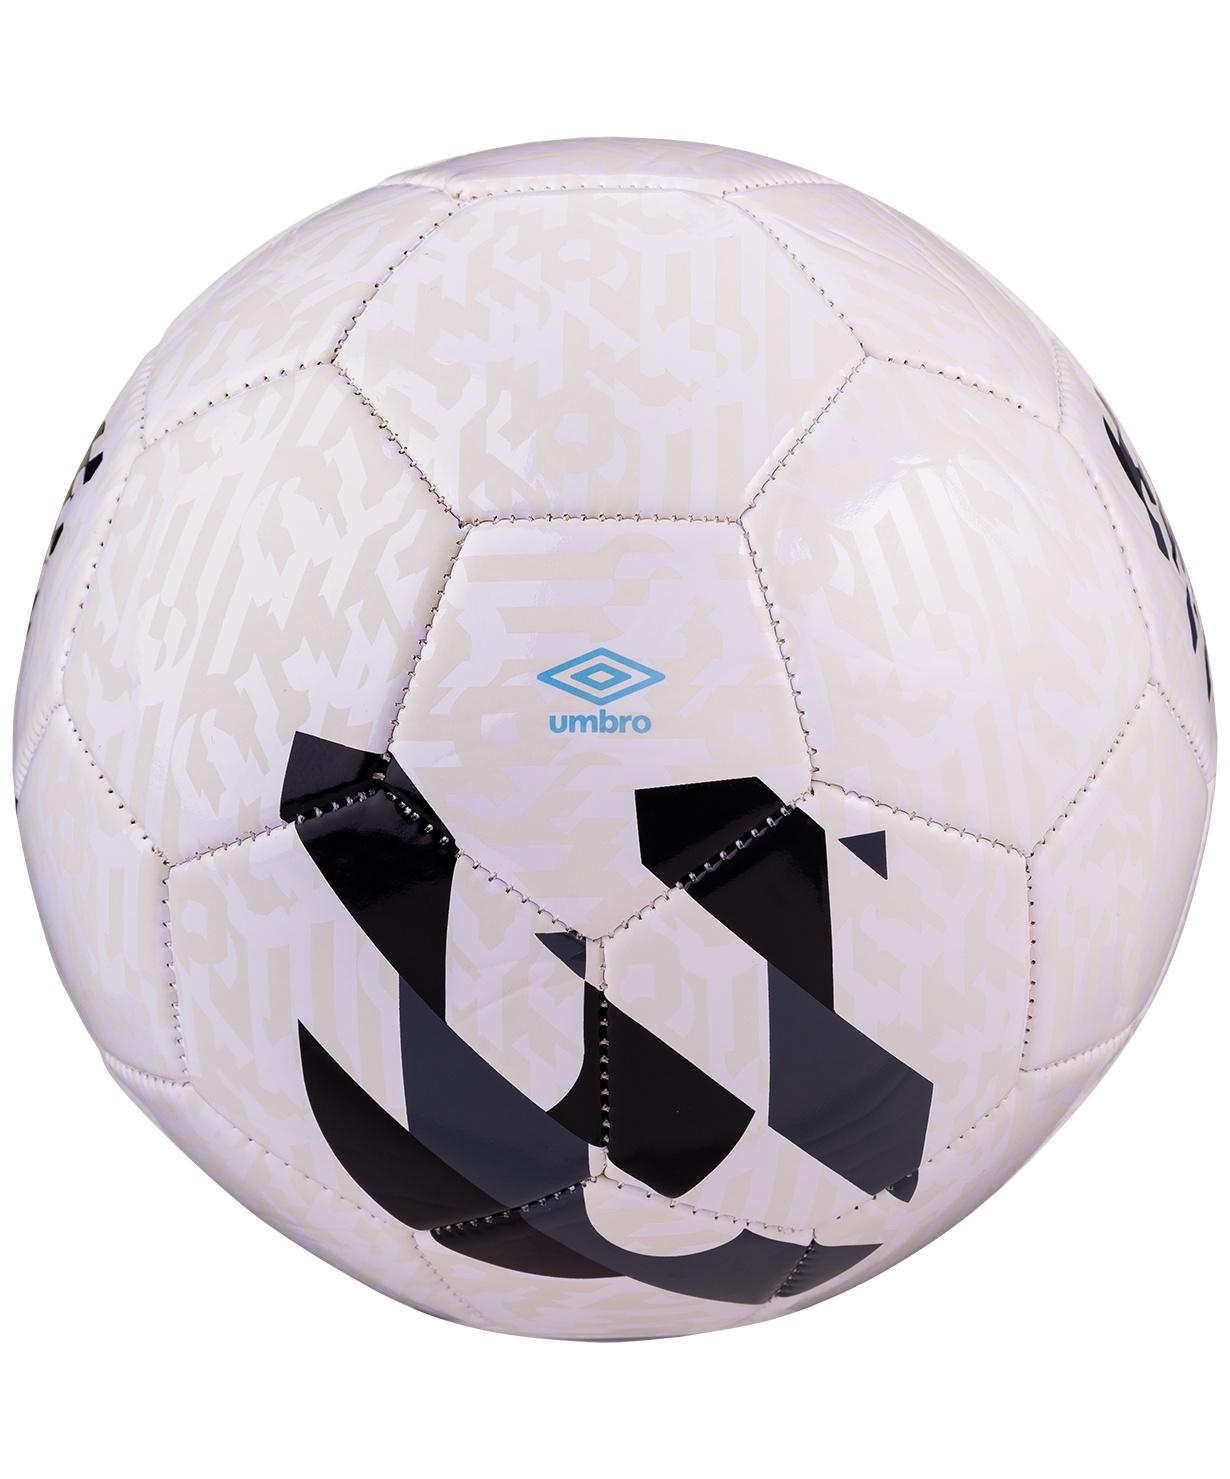 цена Мяч футбольный Umbro Veloce Supporter 20981U, Размер 3, белый/темно-серый/черный/голубой (3) онлайн в 2017 году